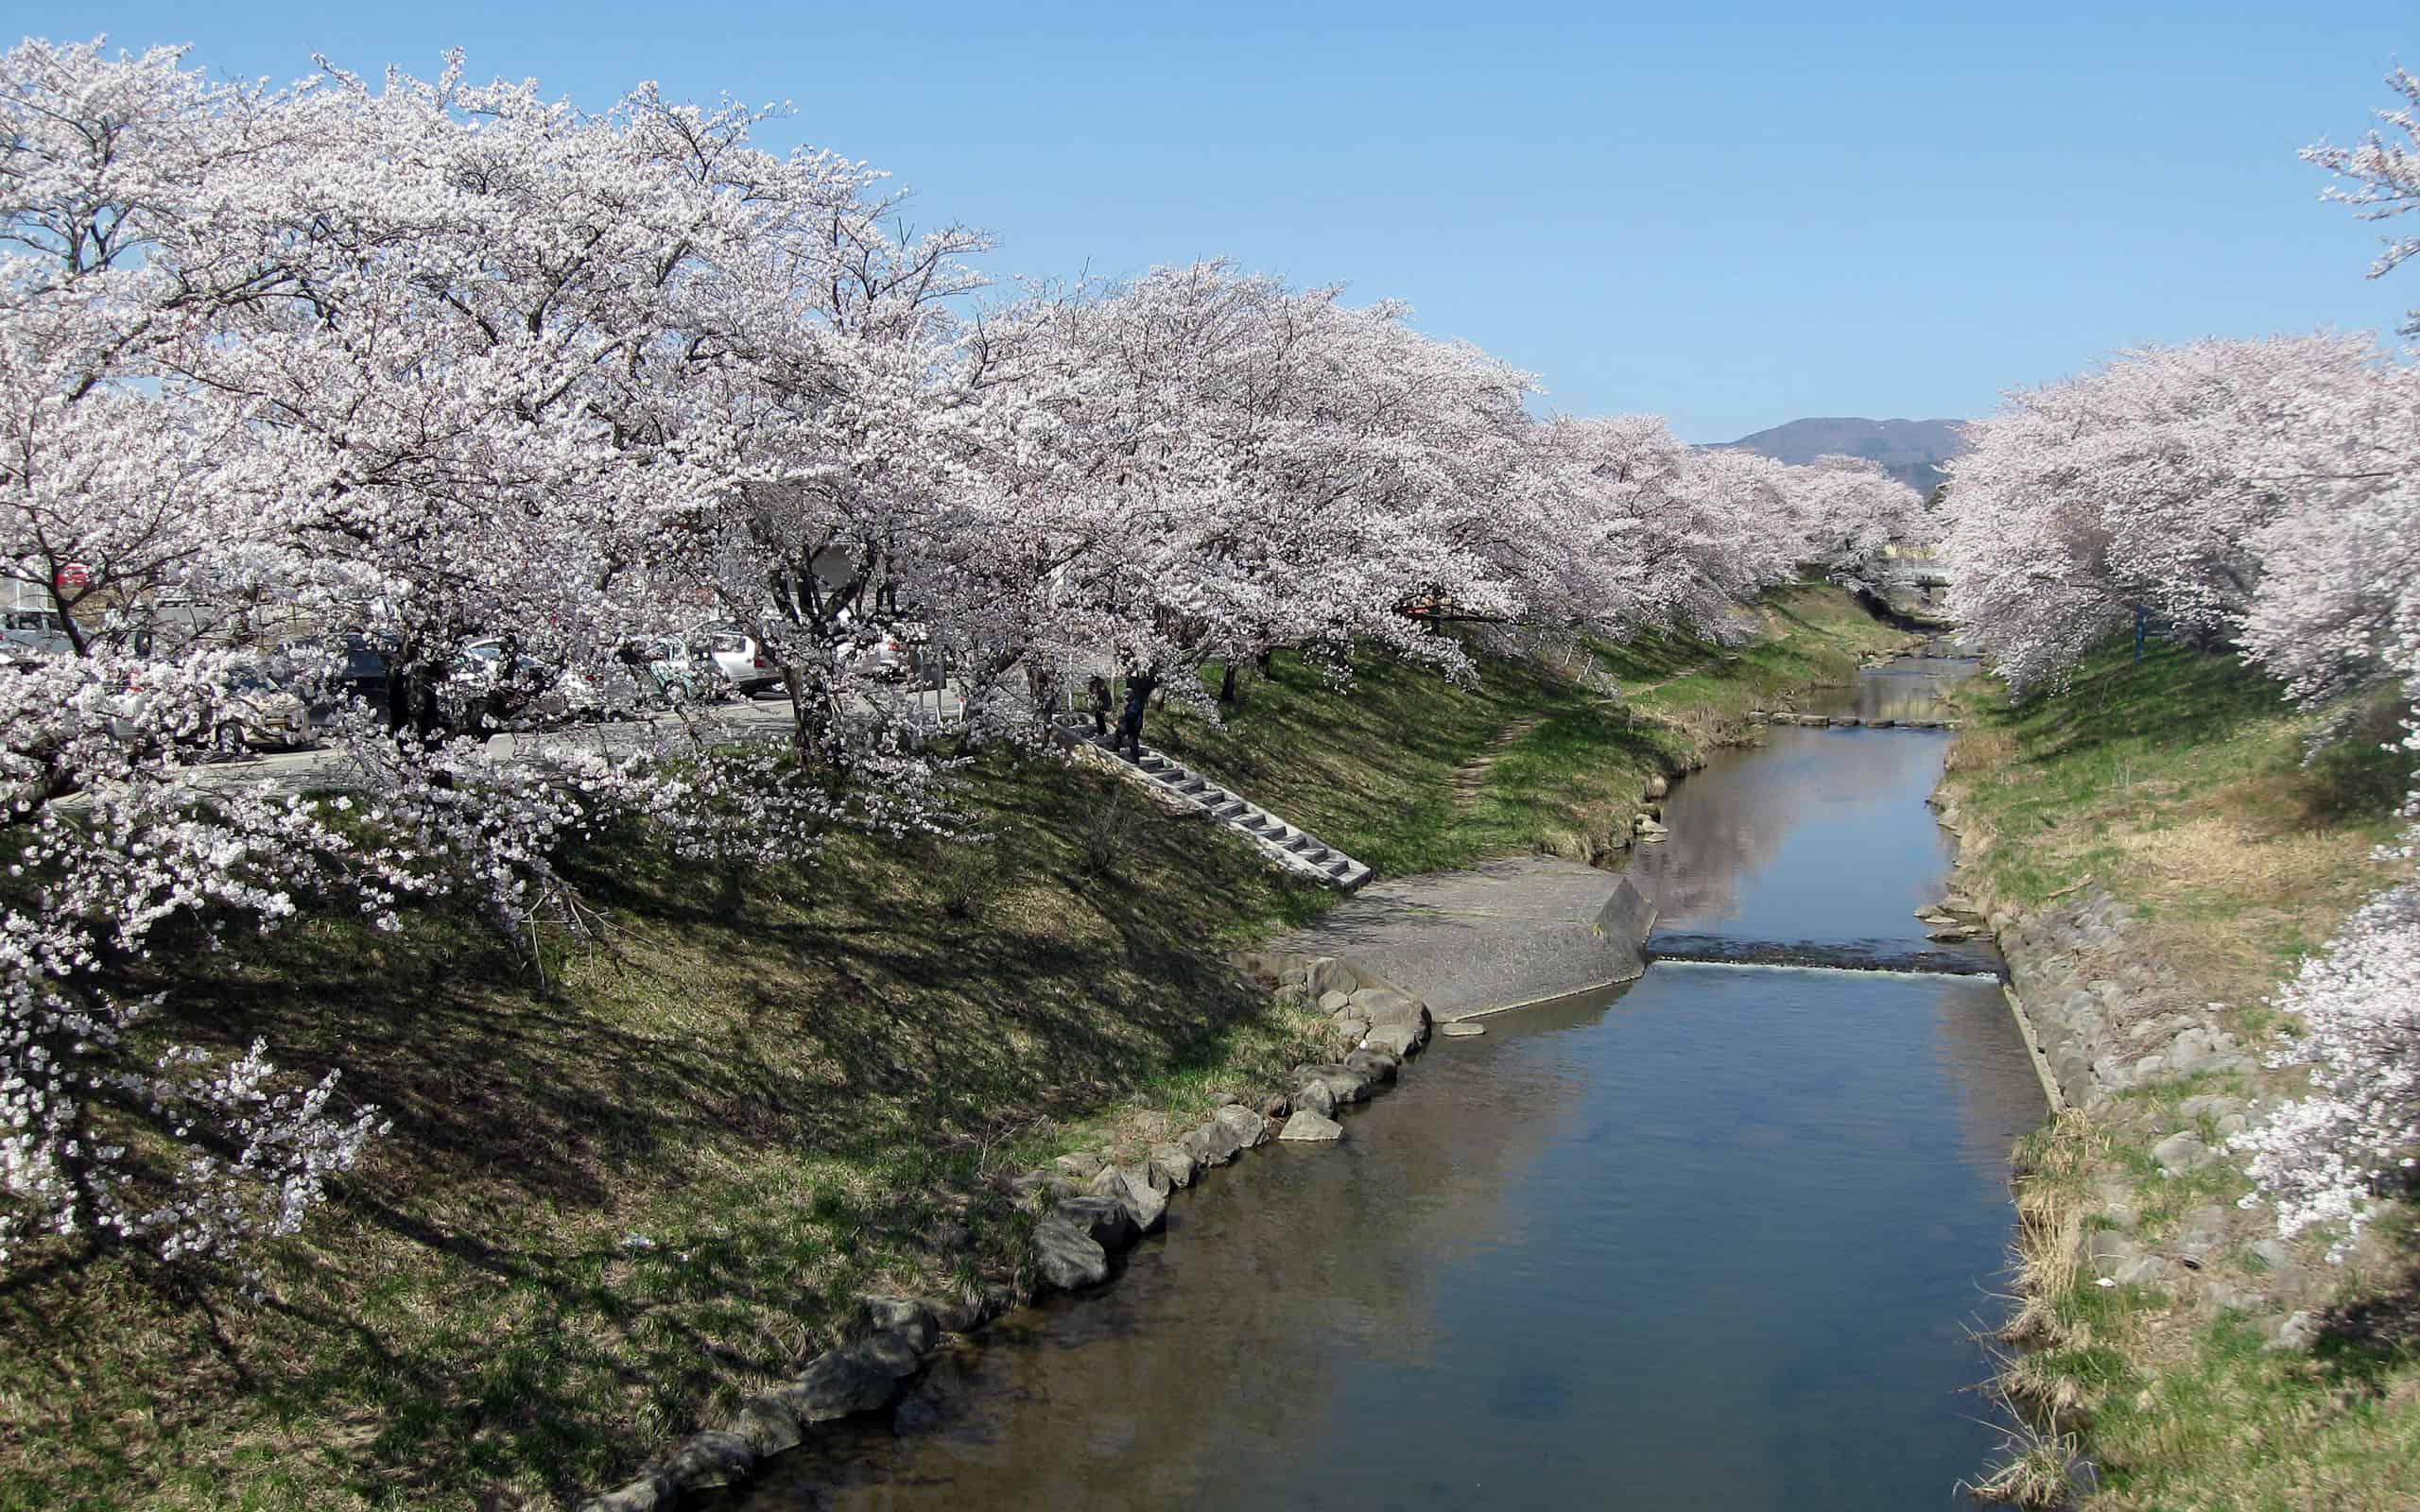 ชม ซากุระ (Sakura) ริมแม่น้ำโทดะ Todagawa Fureai Zakura ผ่าน Live Camera